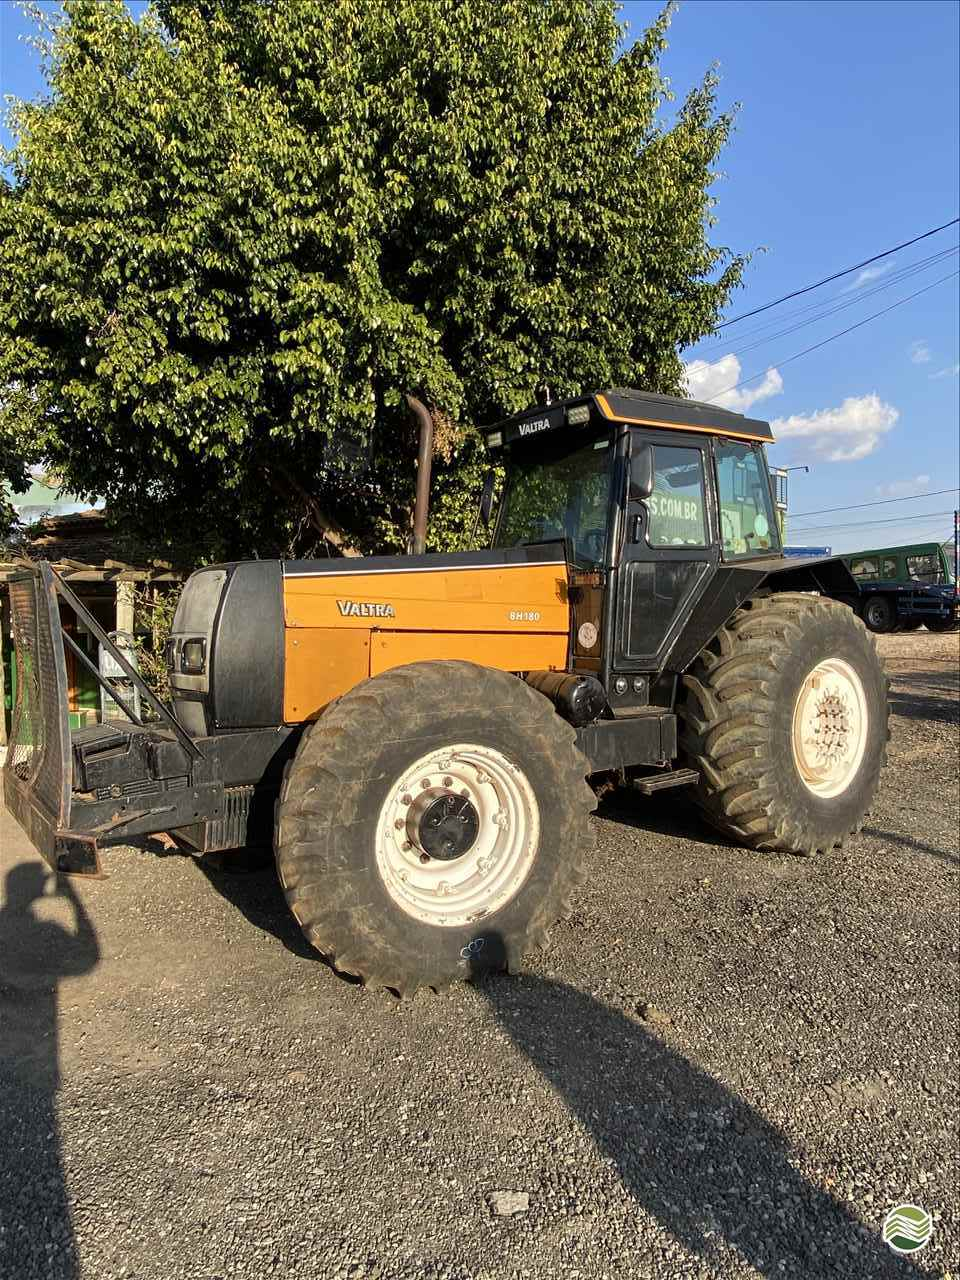 TRATOR VALTRA VALTRA BH 180 Tração 4x4 RT Máquinas e Peças Agrícolas LEME SÃO PAULO SP